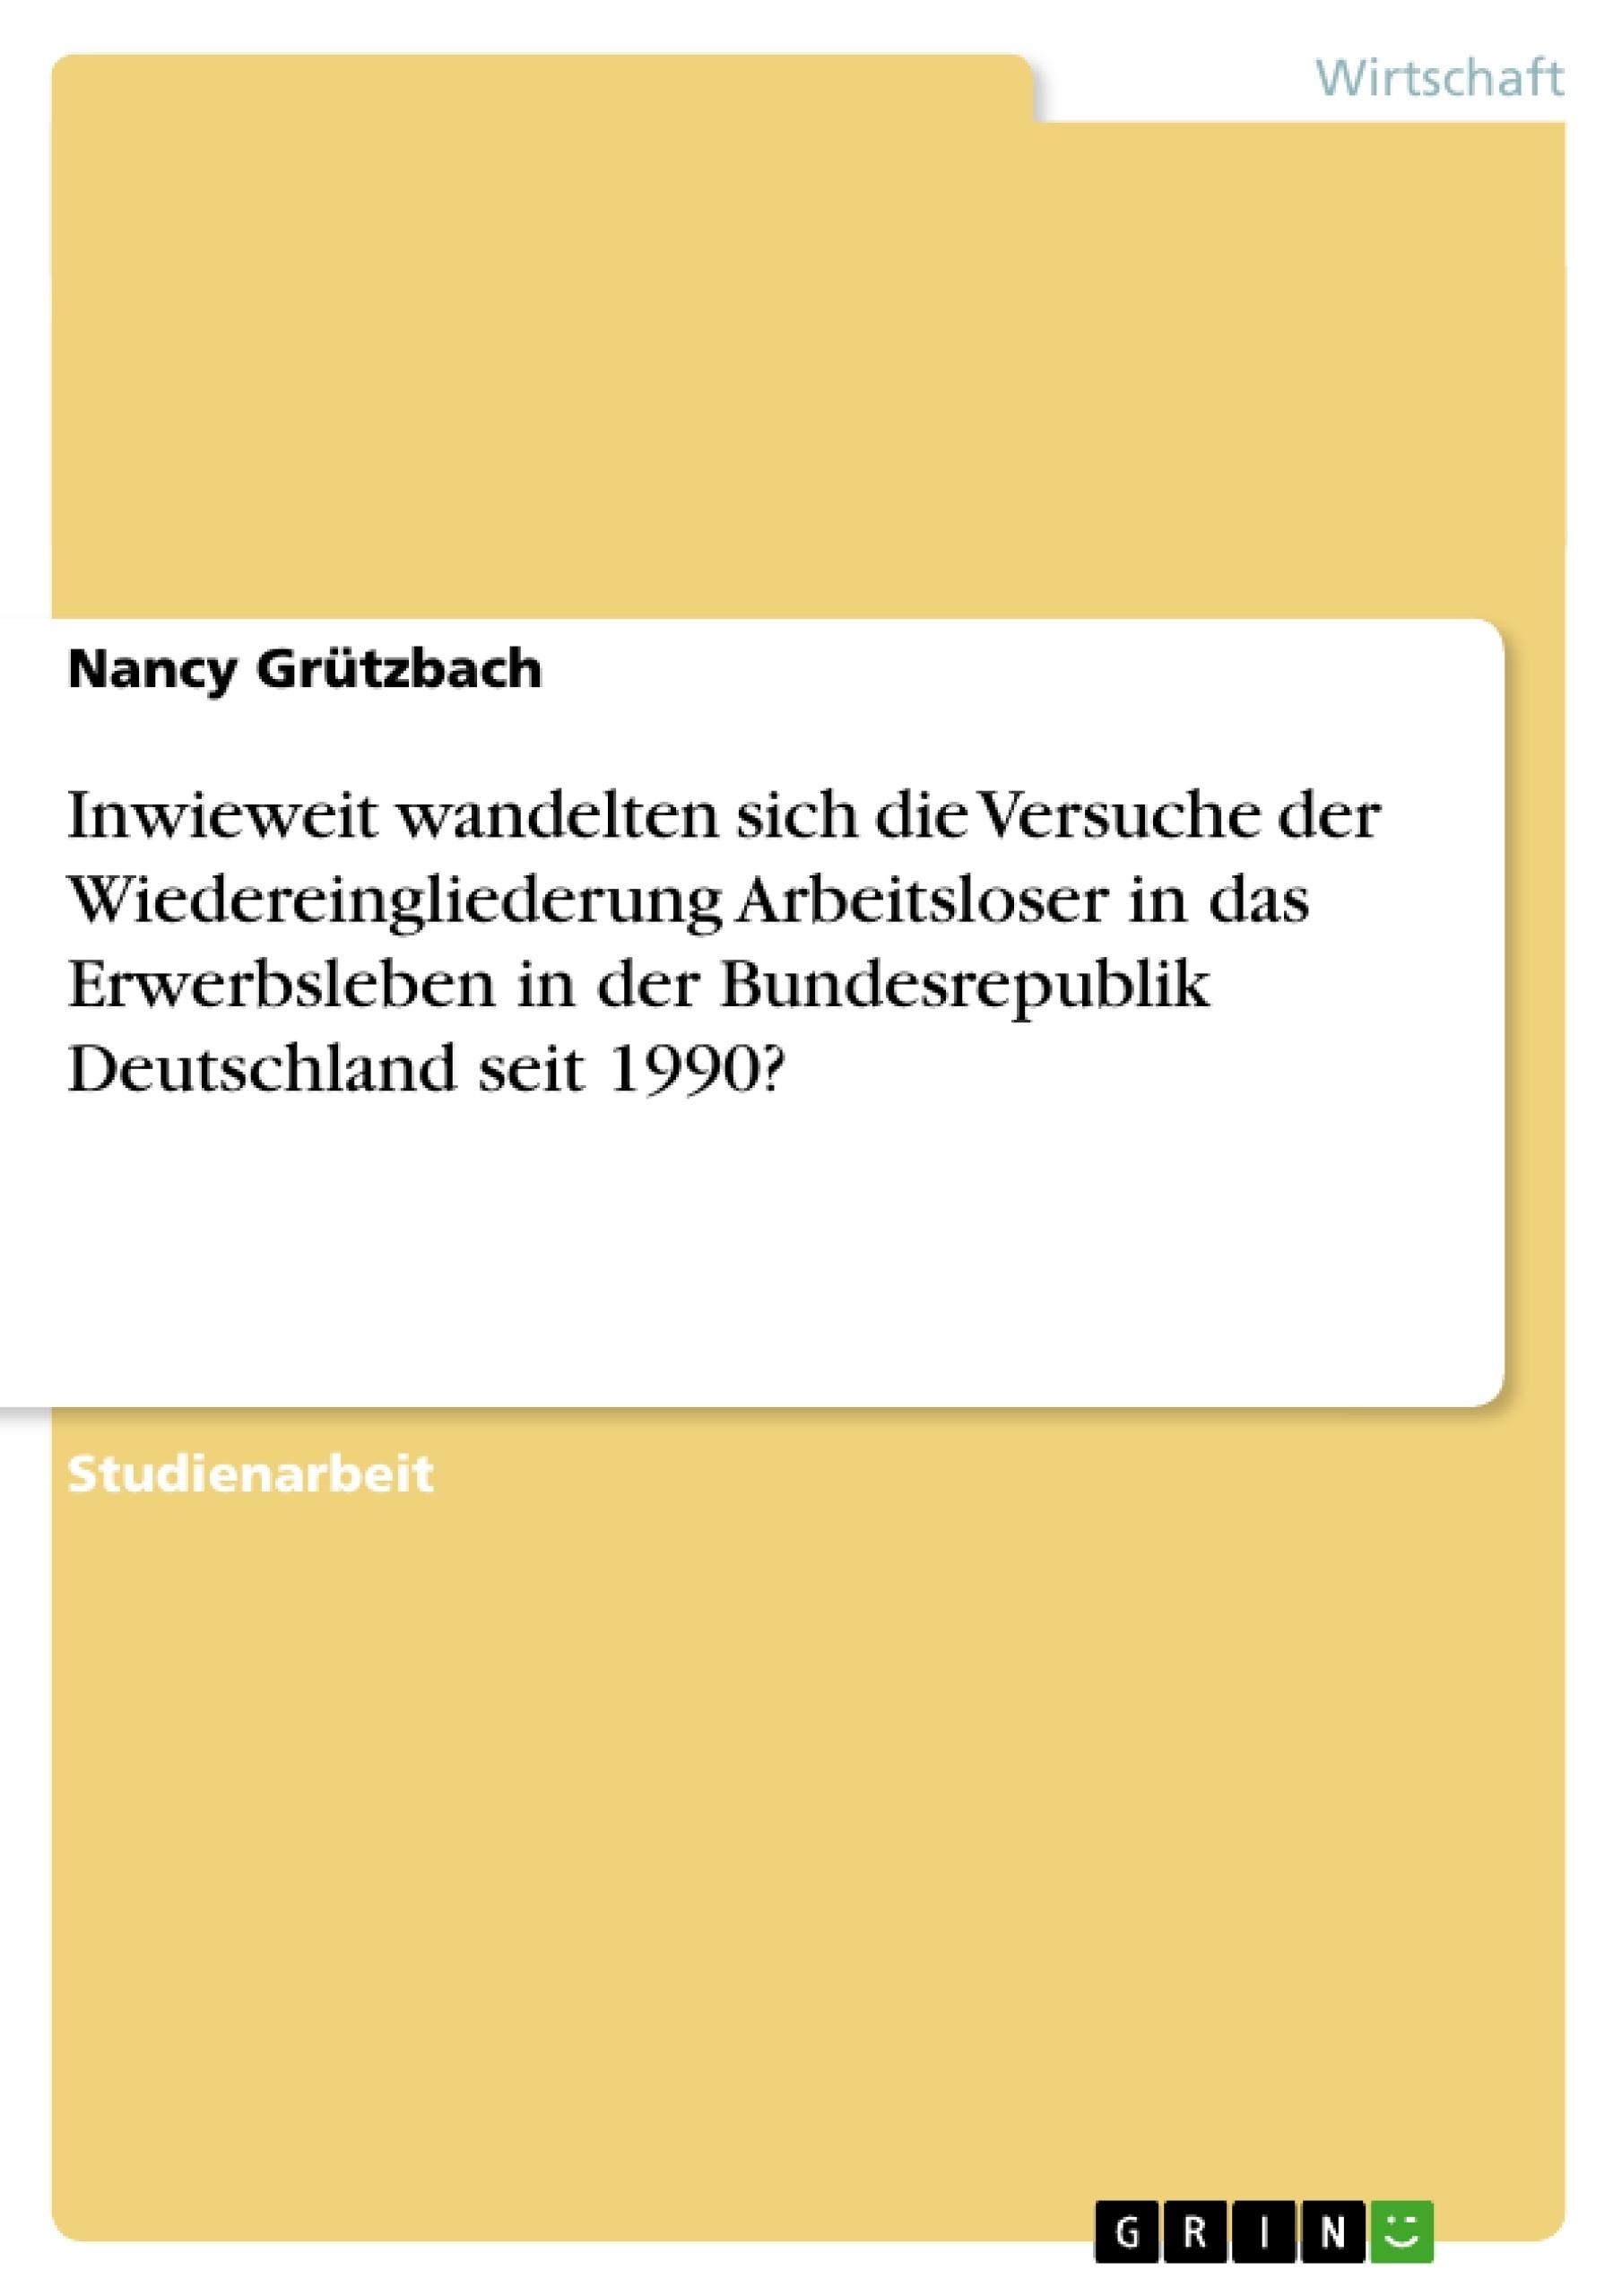 Titel: Inwieweit wandelten sich die Versuche der Wiedereingliederung Arbeitsloser in das Erwerbsleben in der Bundesrepublik Deutschland seit 1990?